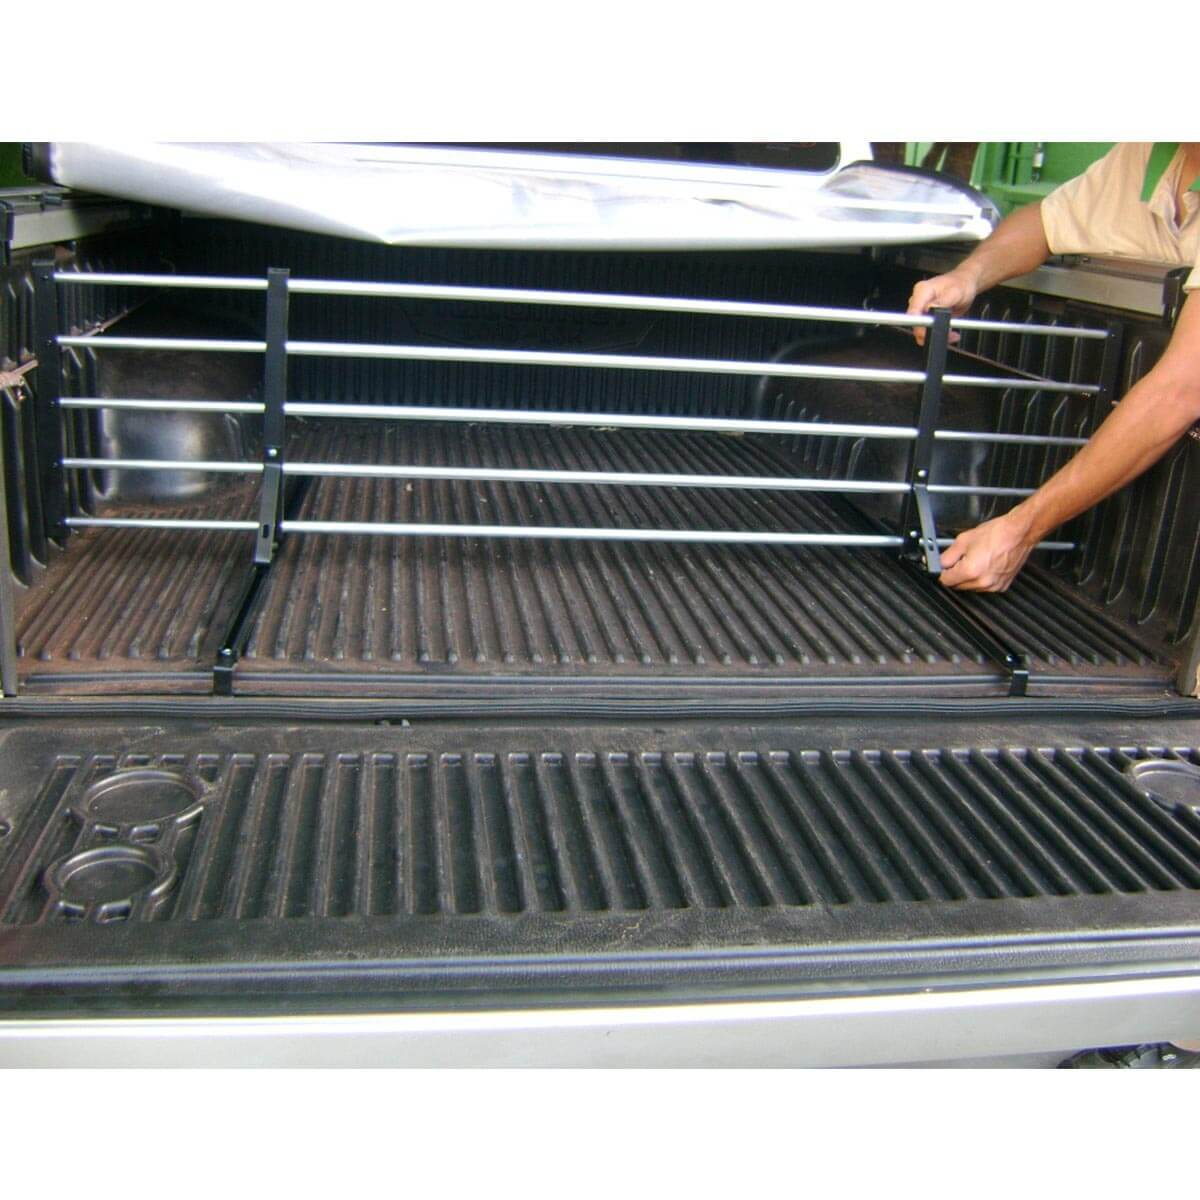 Divisor separador de cargas caçamba Saveiro 1998 a 2009